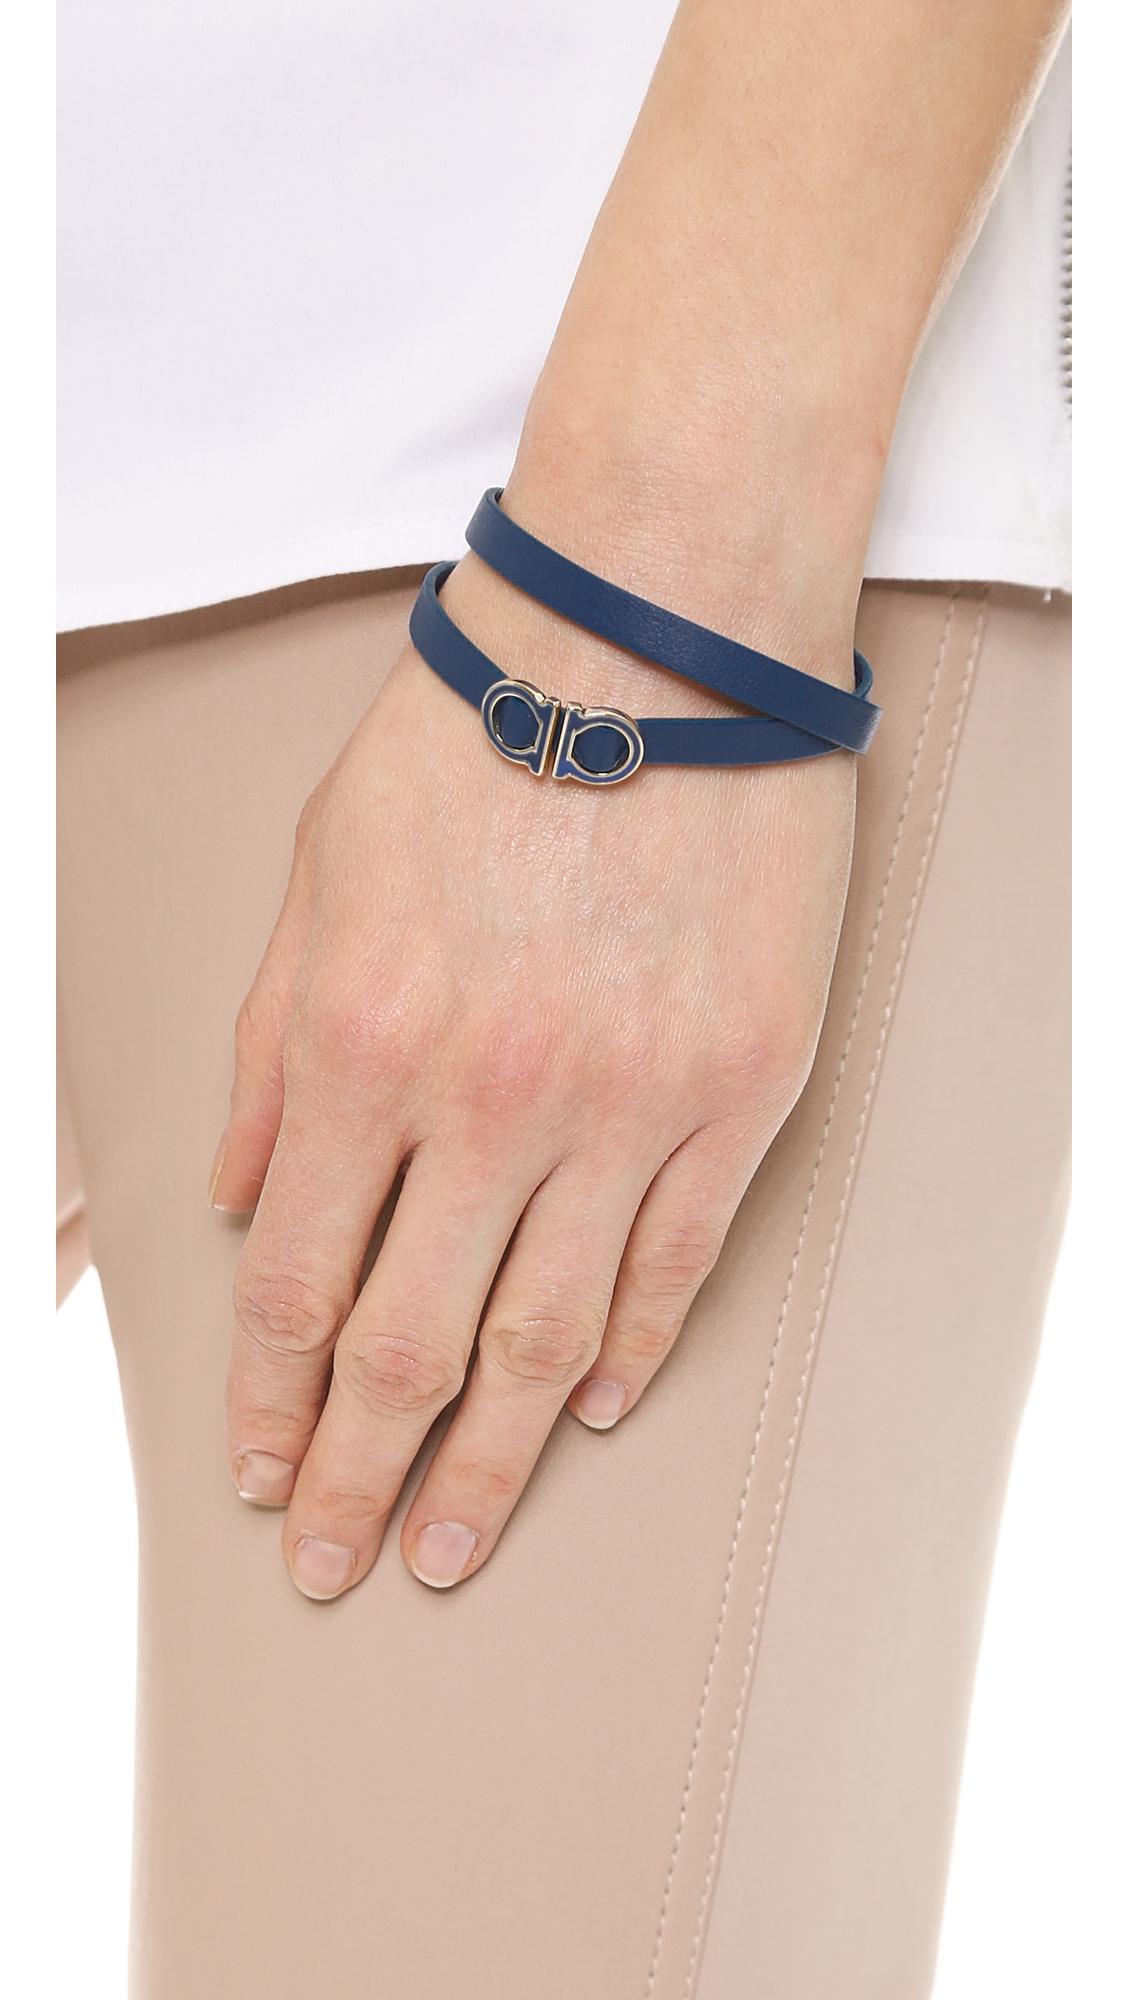 Ferragamo Gancio Double Wrap Bracelet